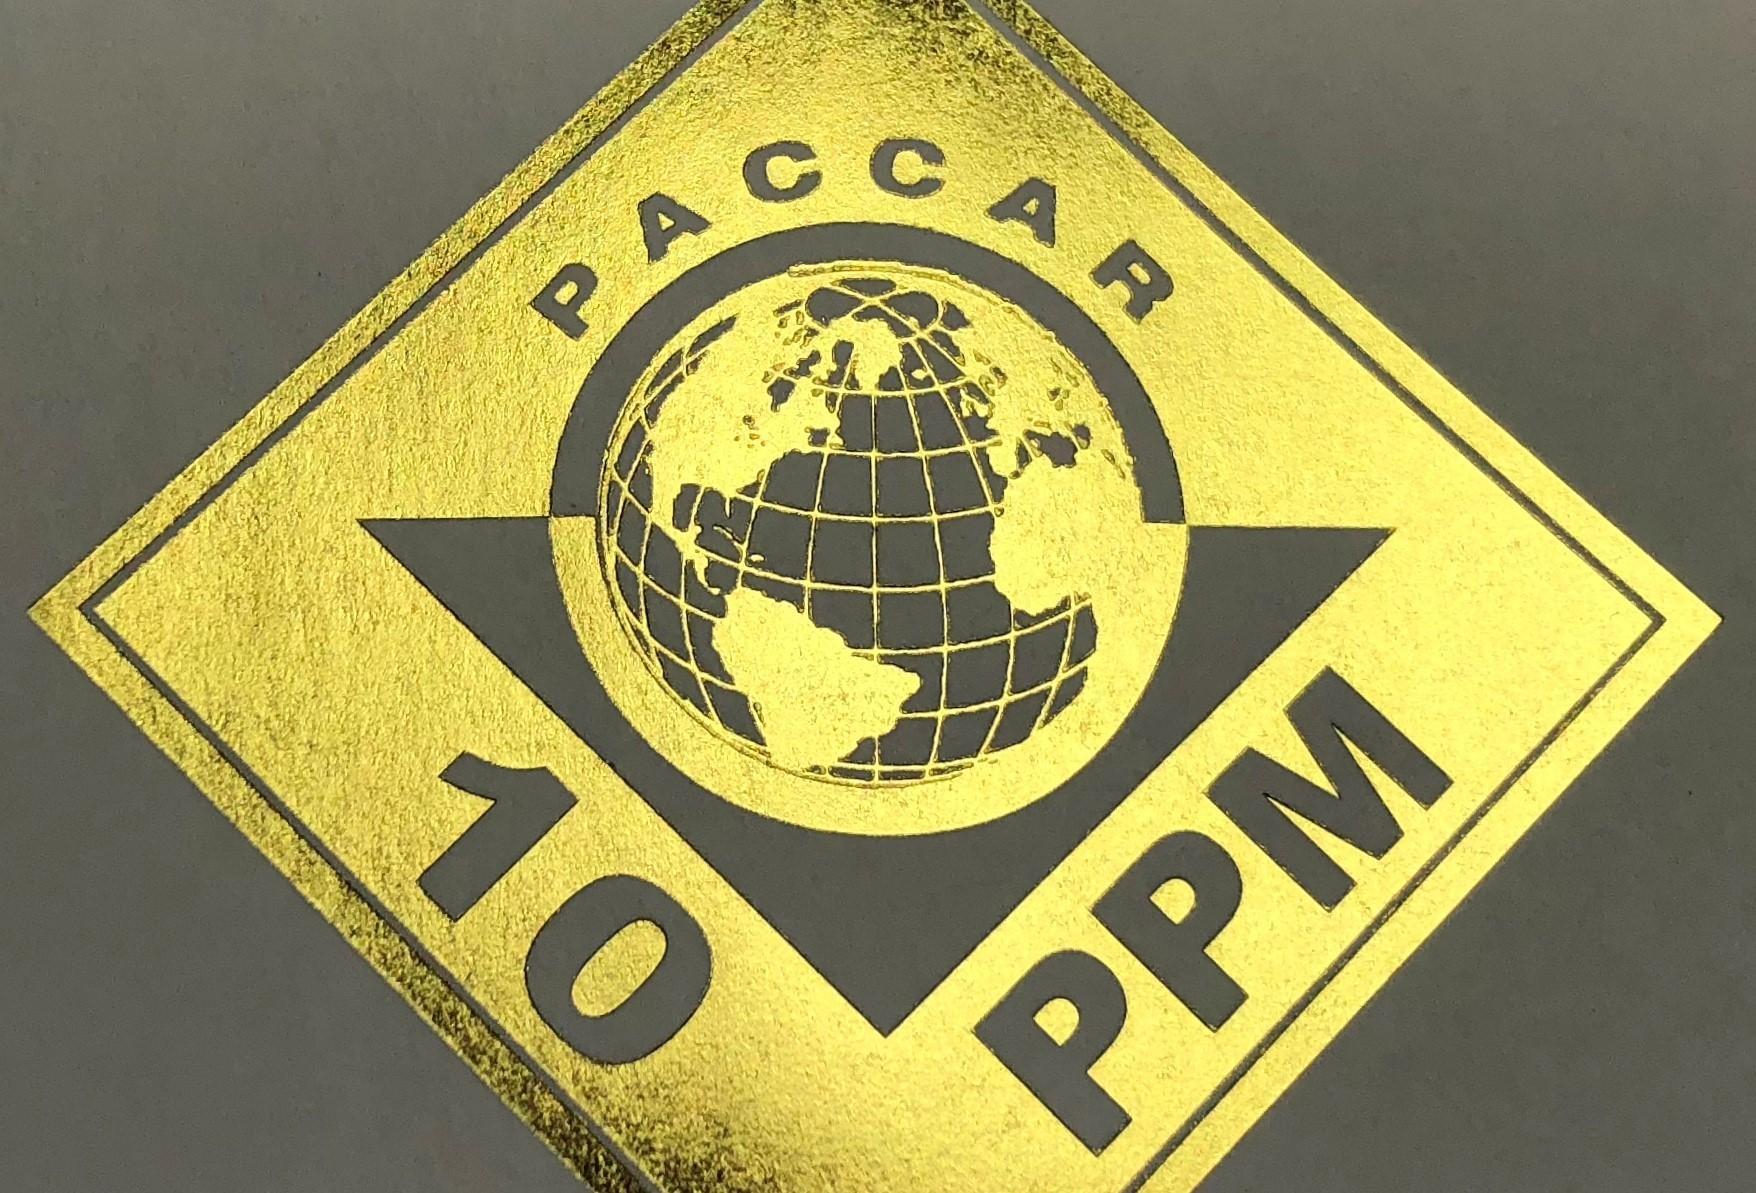 Компания Paccar наградила Bridgestone Americas за высокое качество поставляемых шин